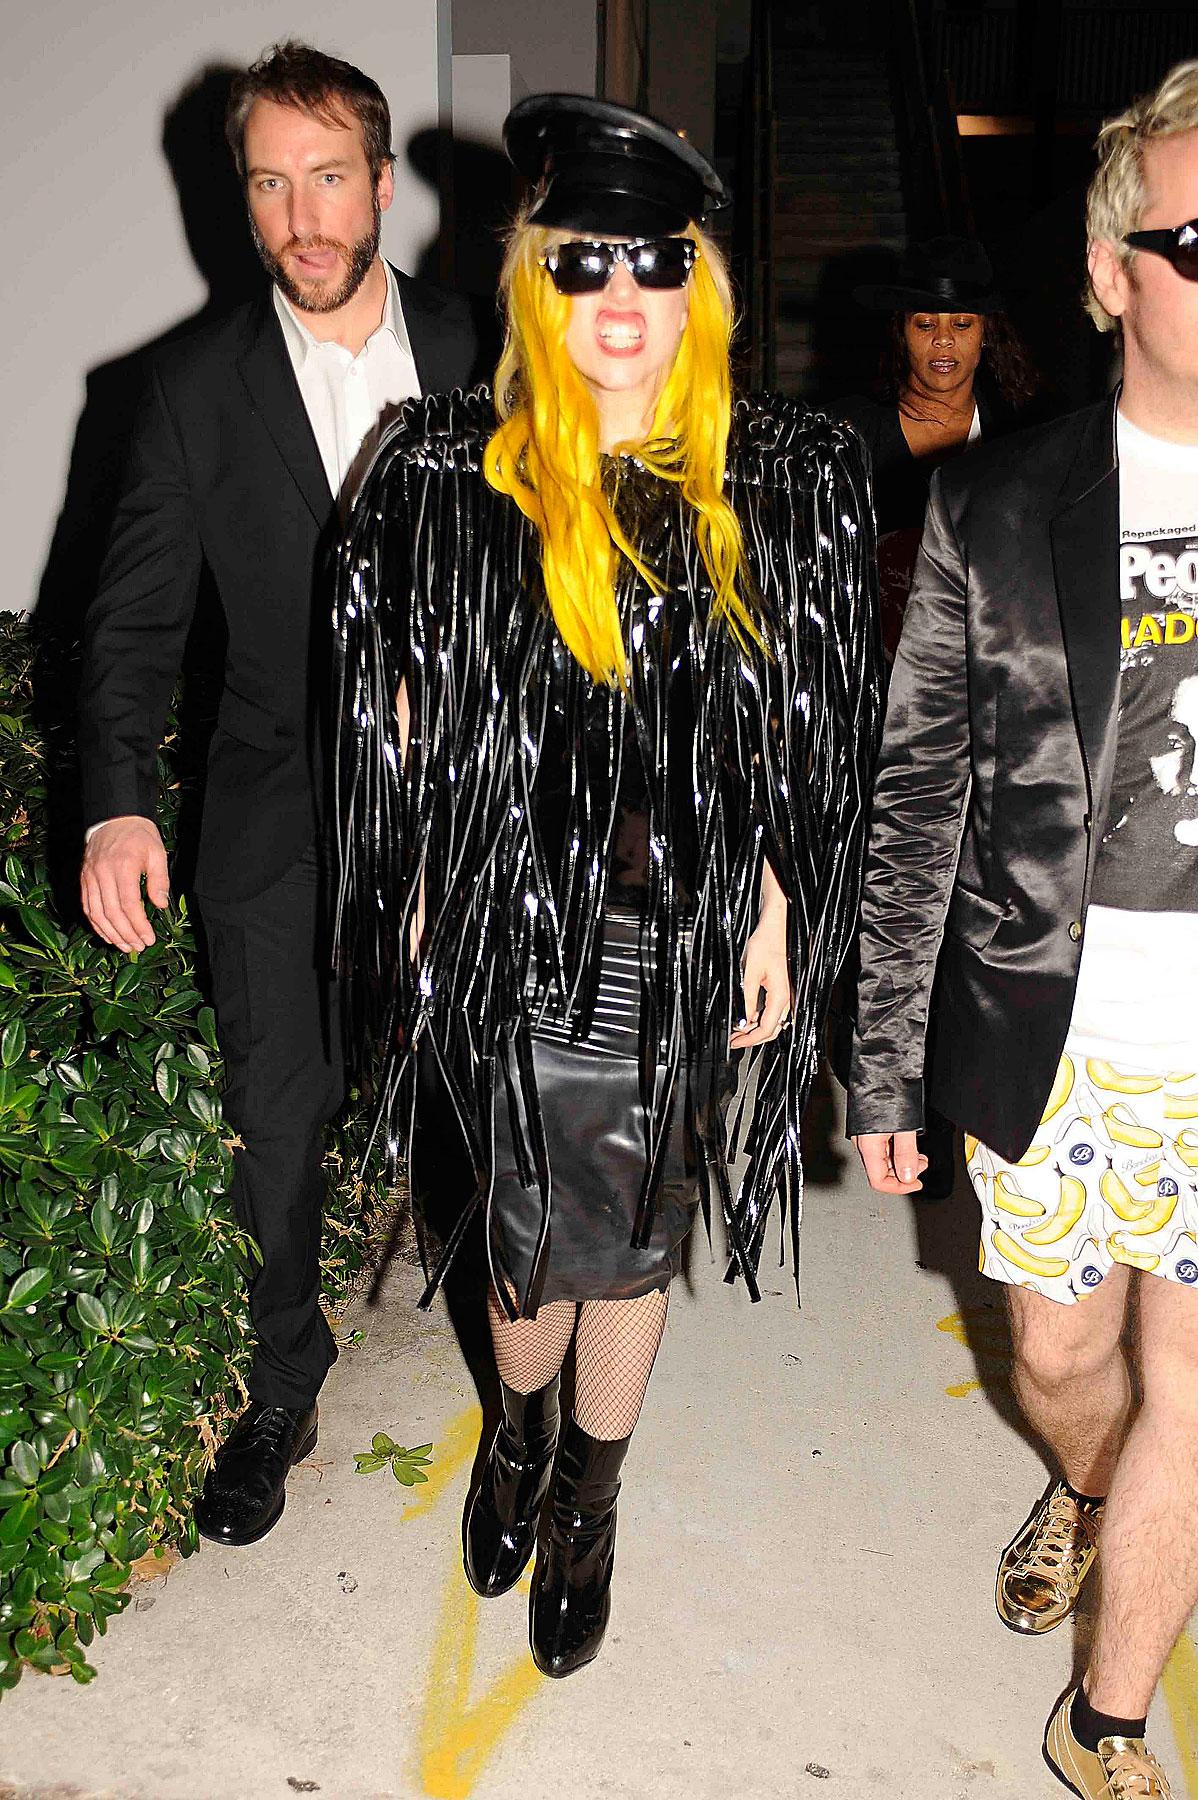 Orange You Glad to See Lady GaGa? (PHOTOS)